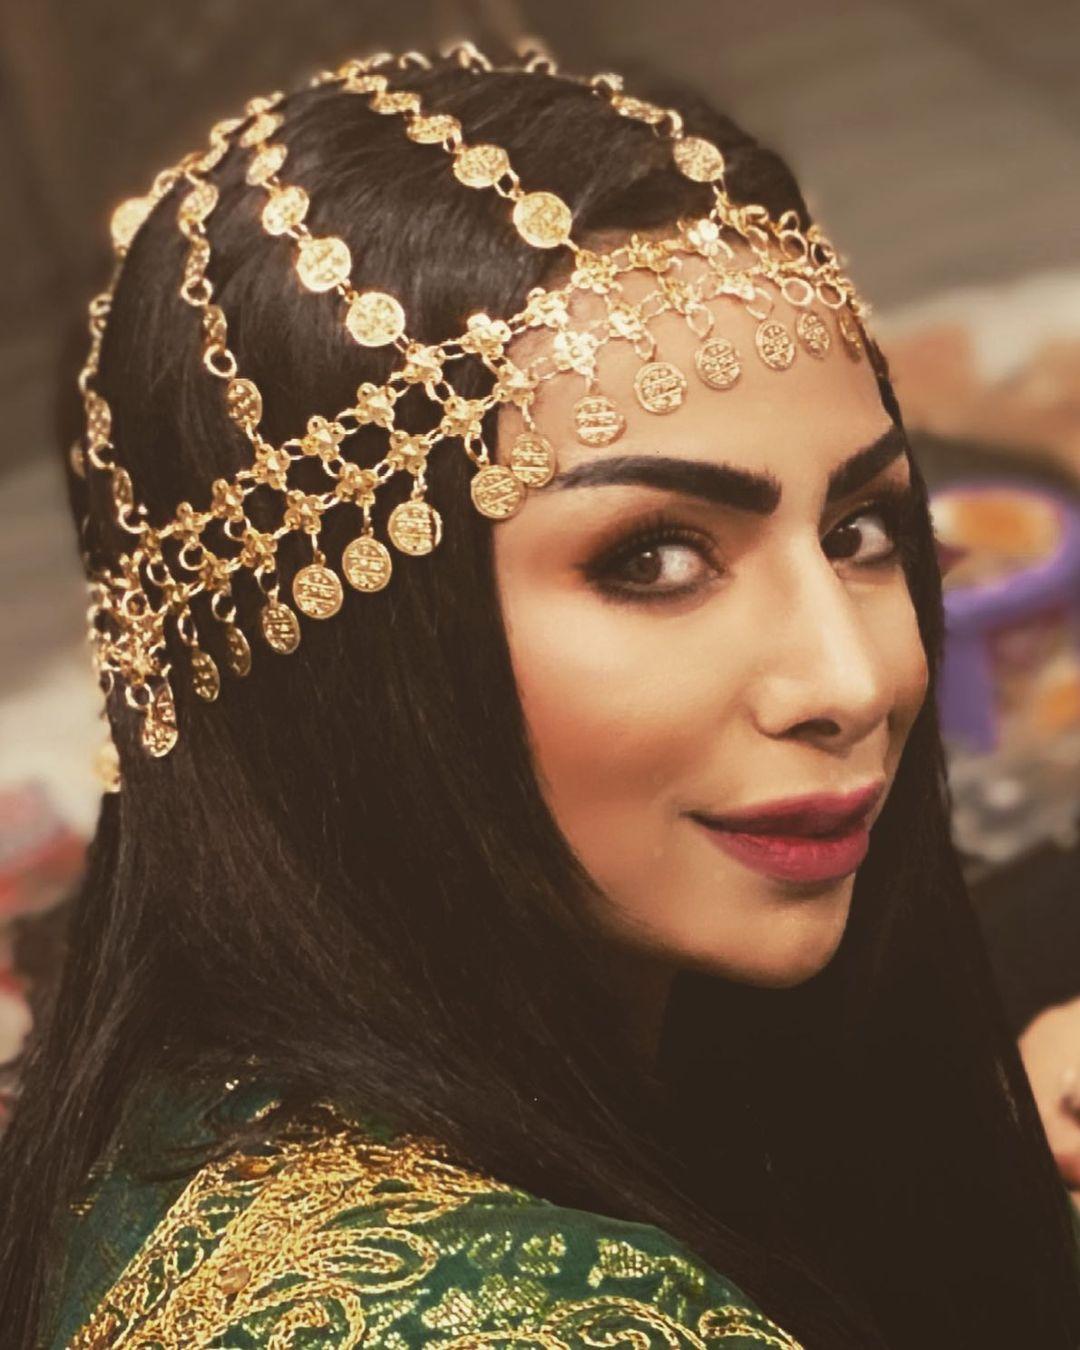 هند البلوشي في إطلالتها الخليجية المميزة باكسسوار رأس ذهبي فخم